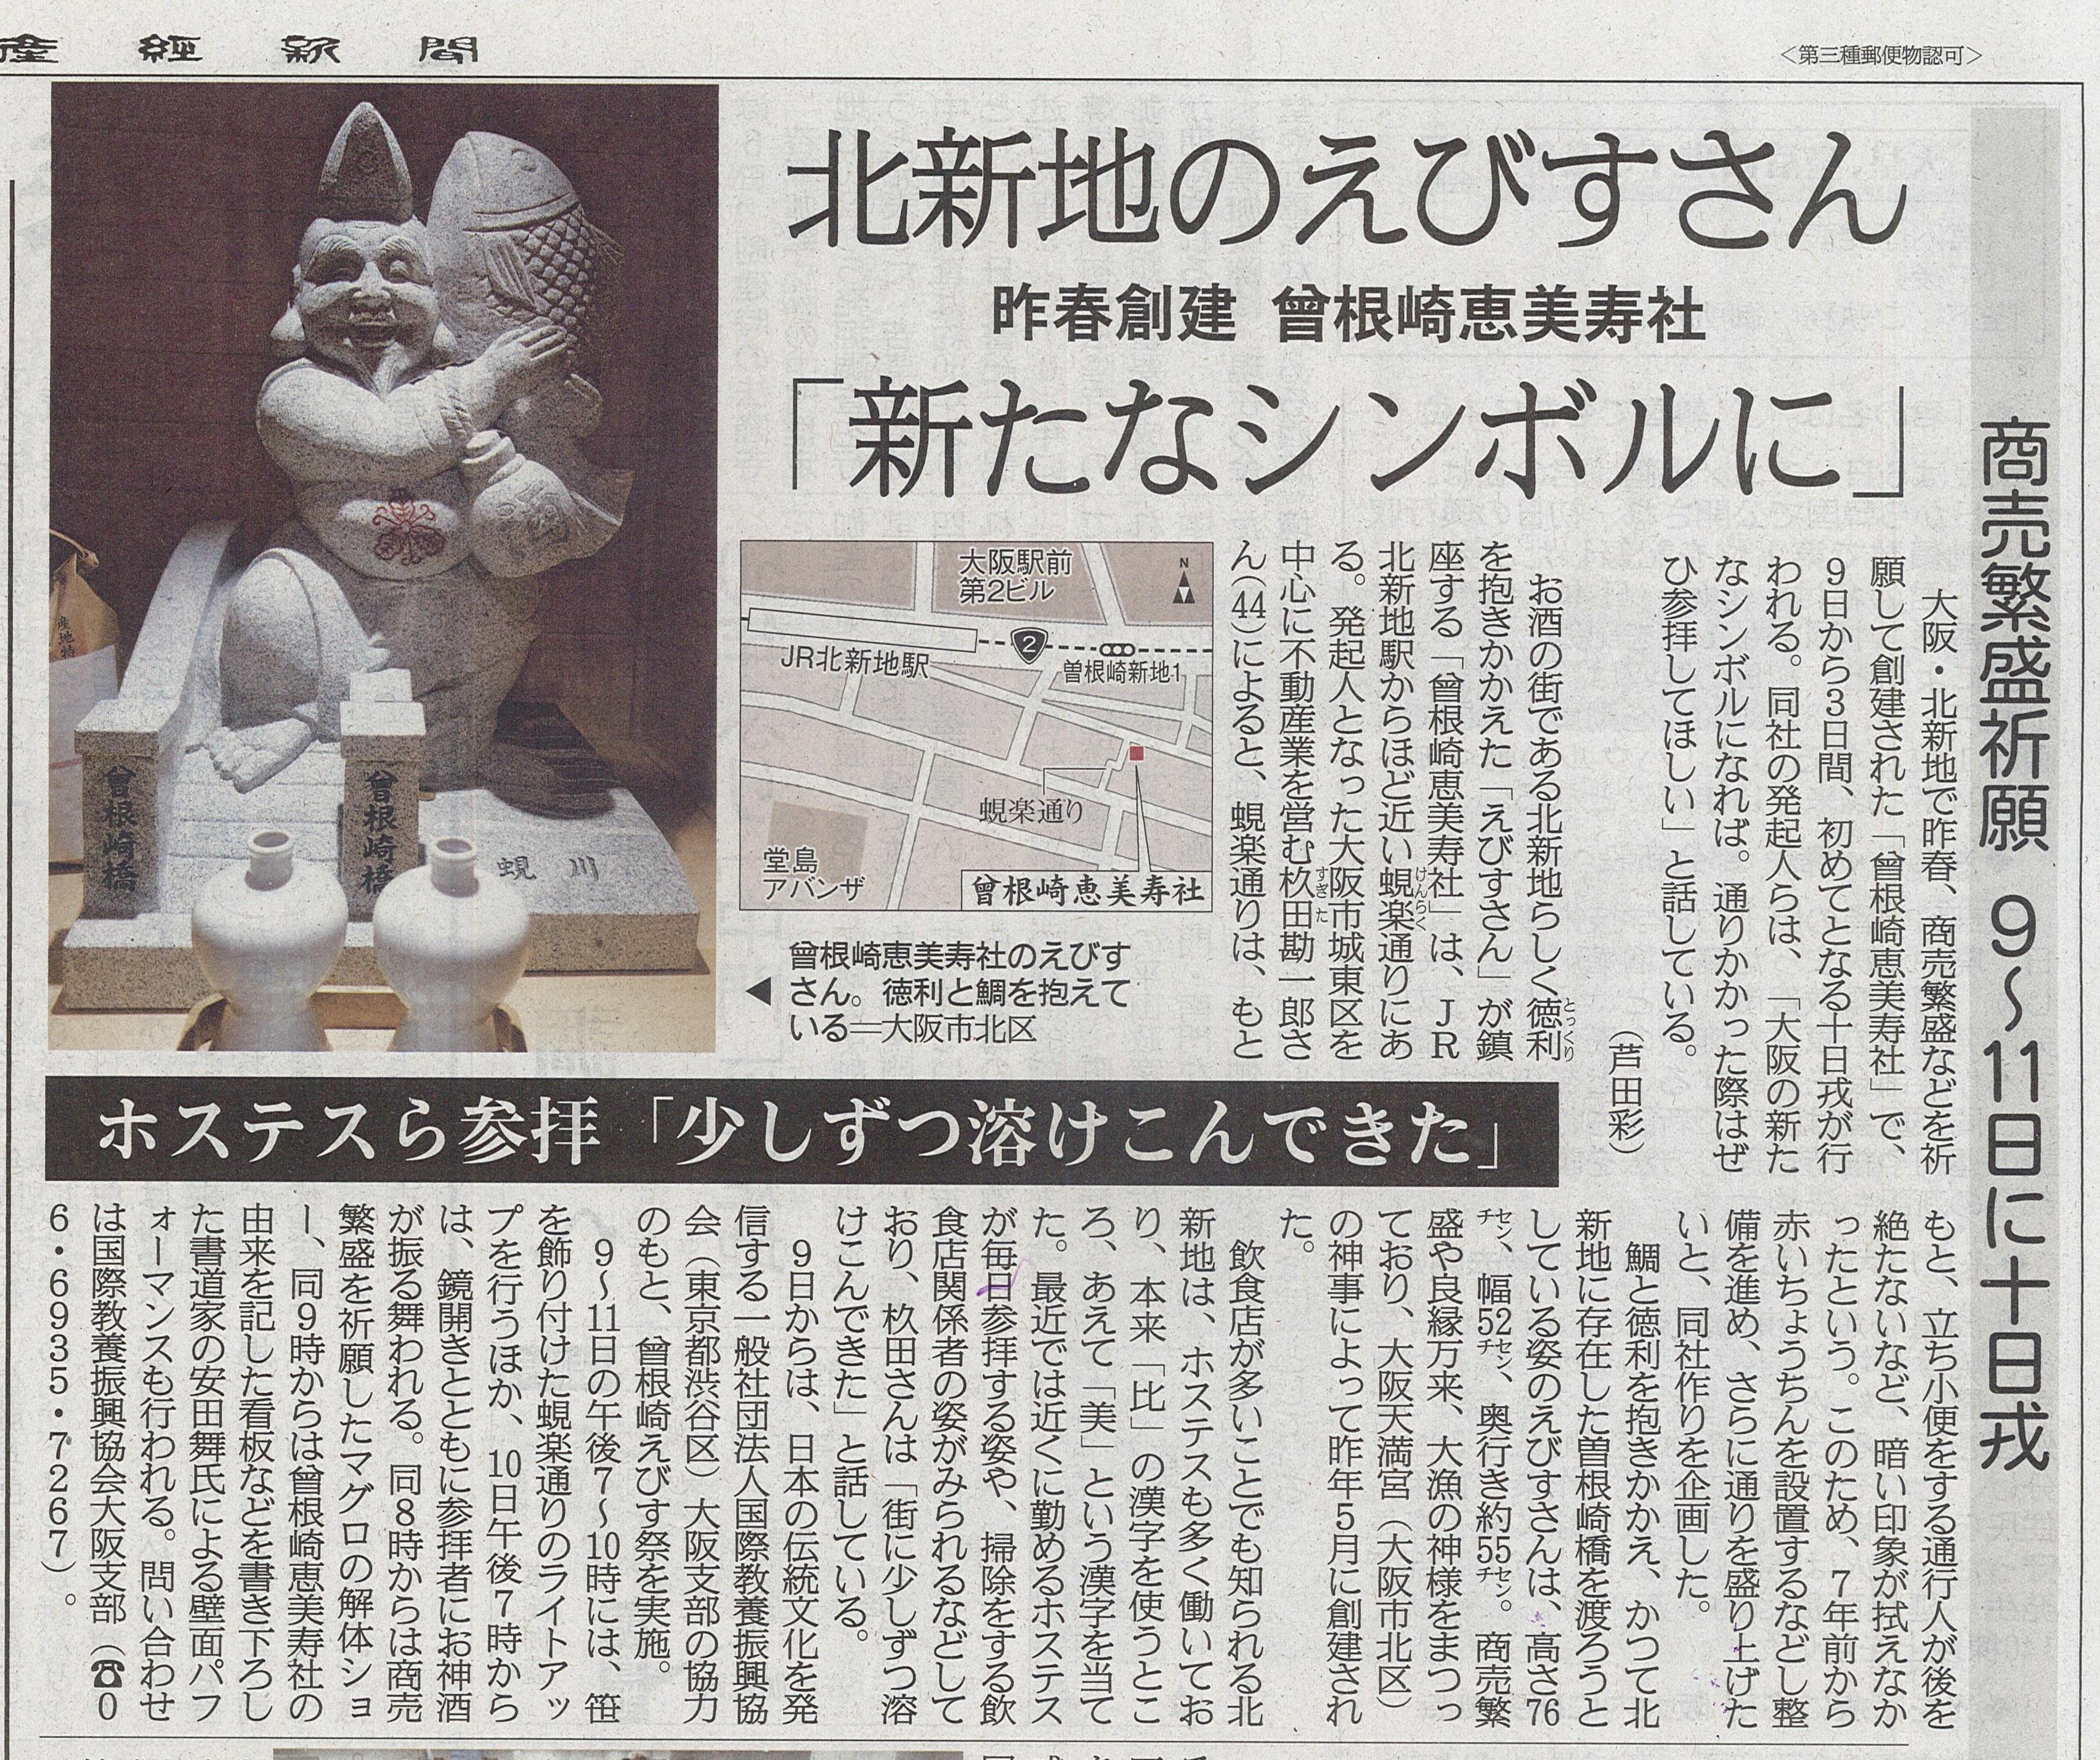 「産経新聞」掲載